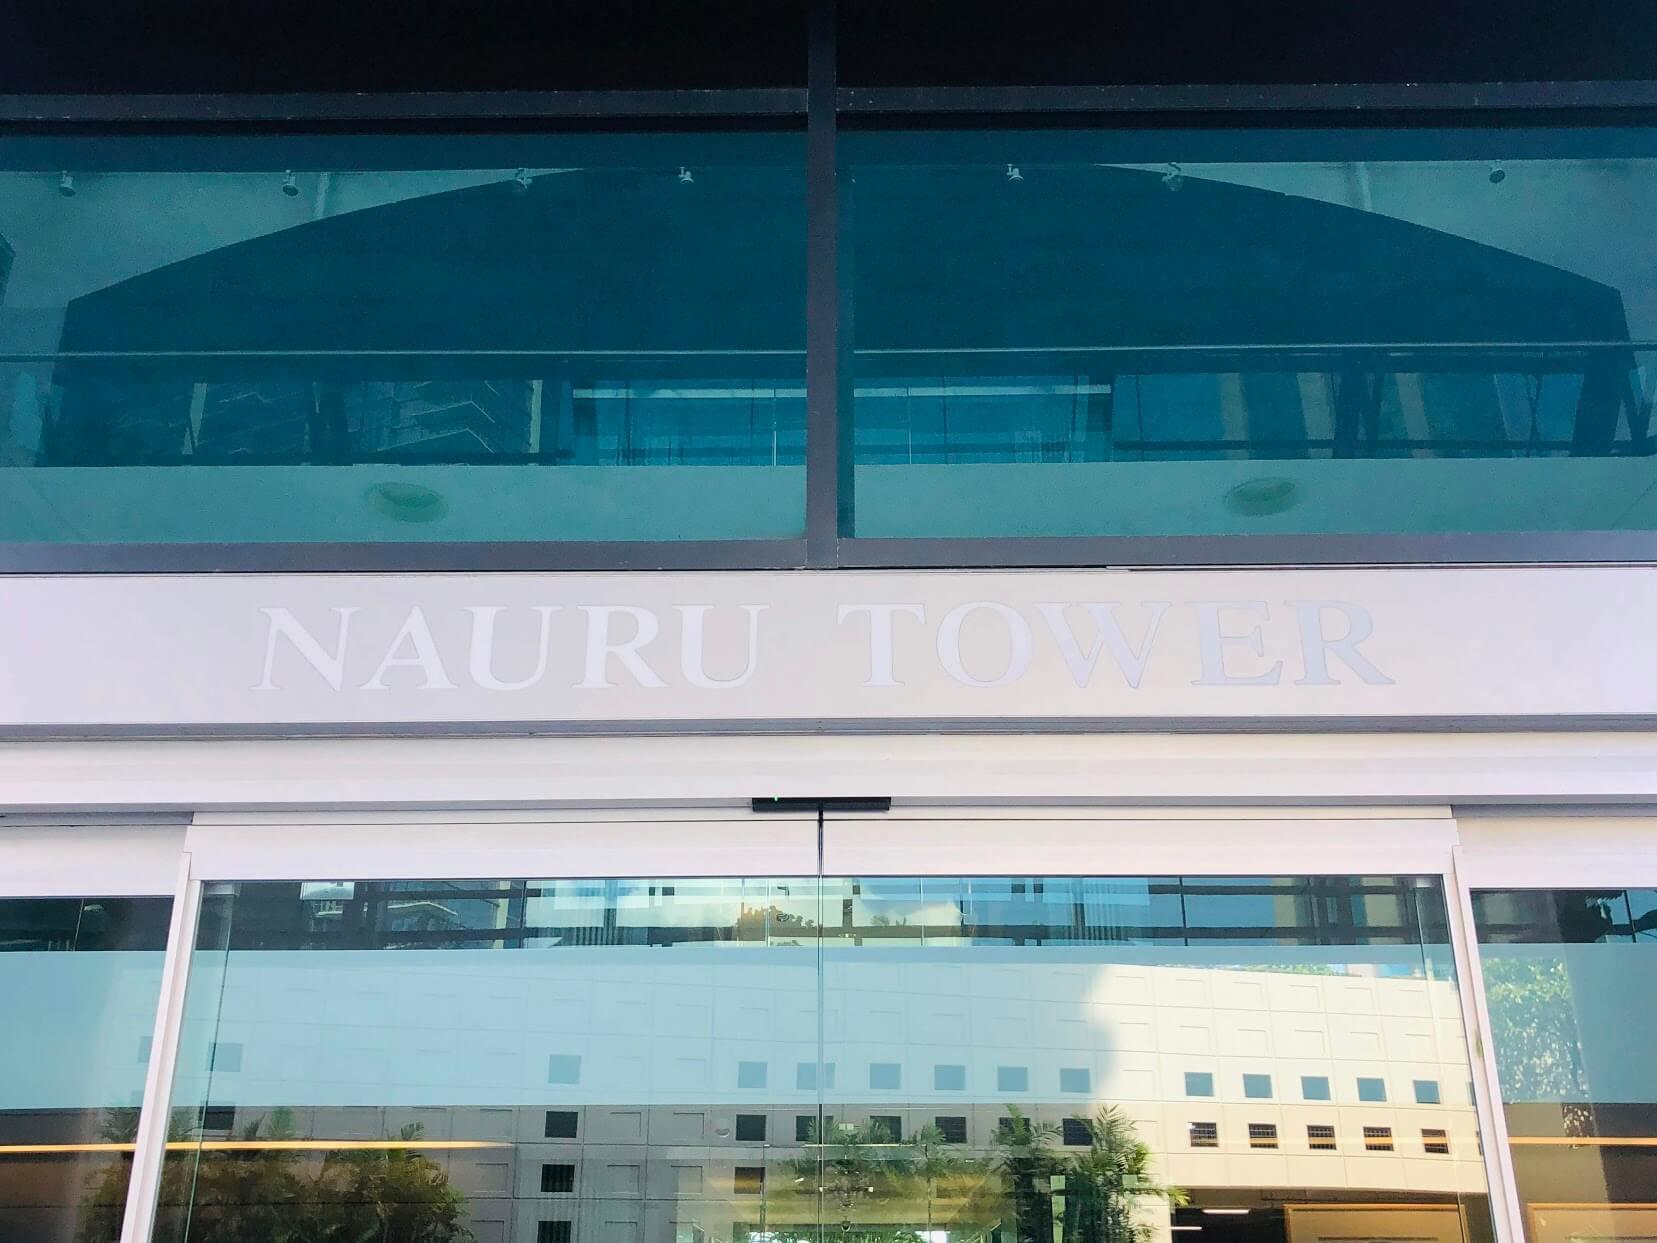 Nauru Towerの看板